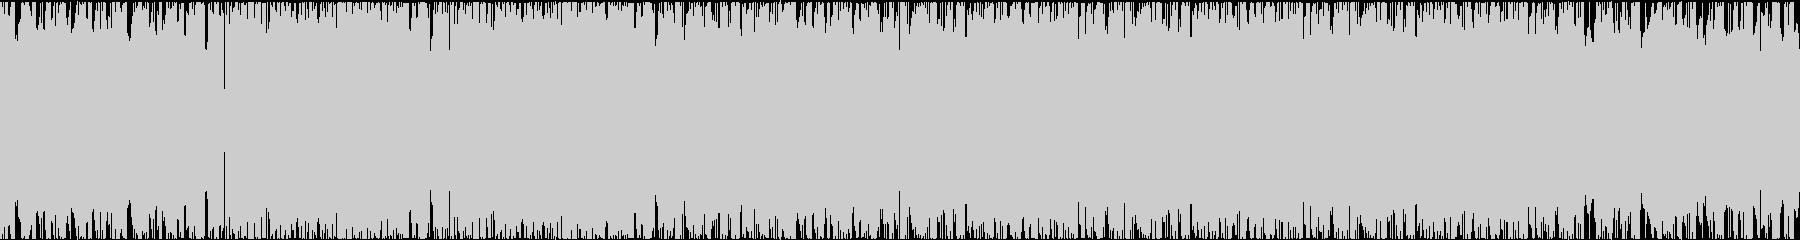 荒いフルートの怪しいビートとコードの未再生の波形